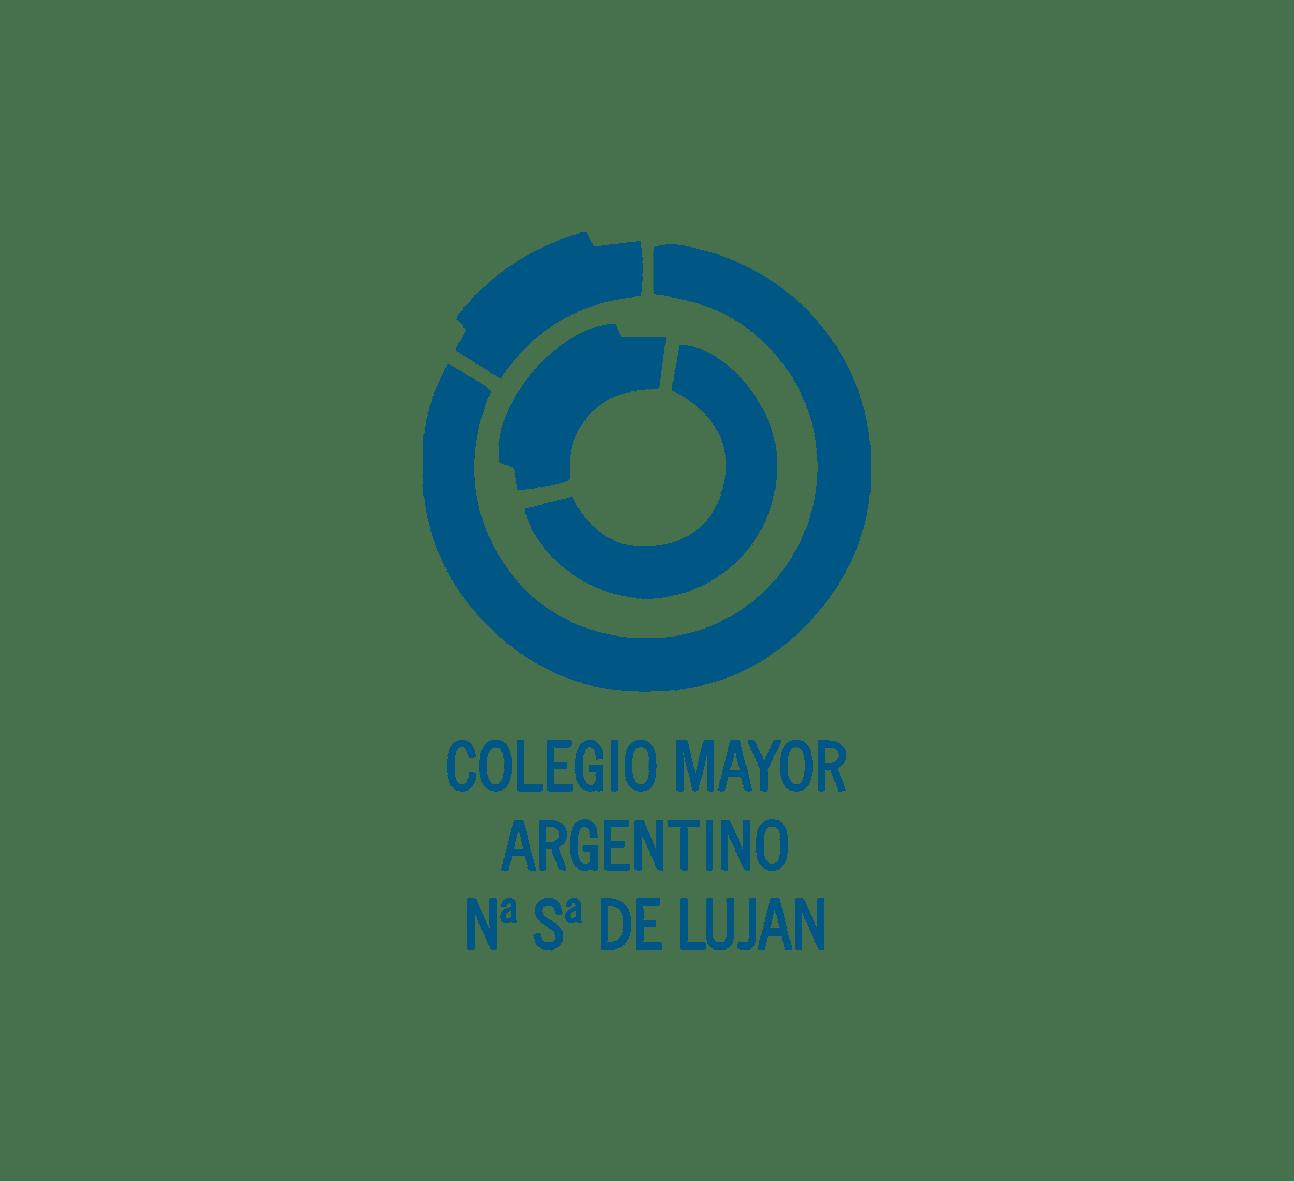 CM Argentino - Clientes ADISIC